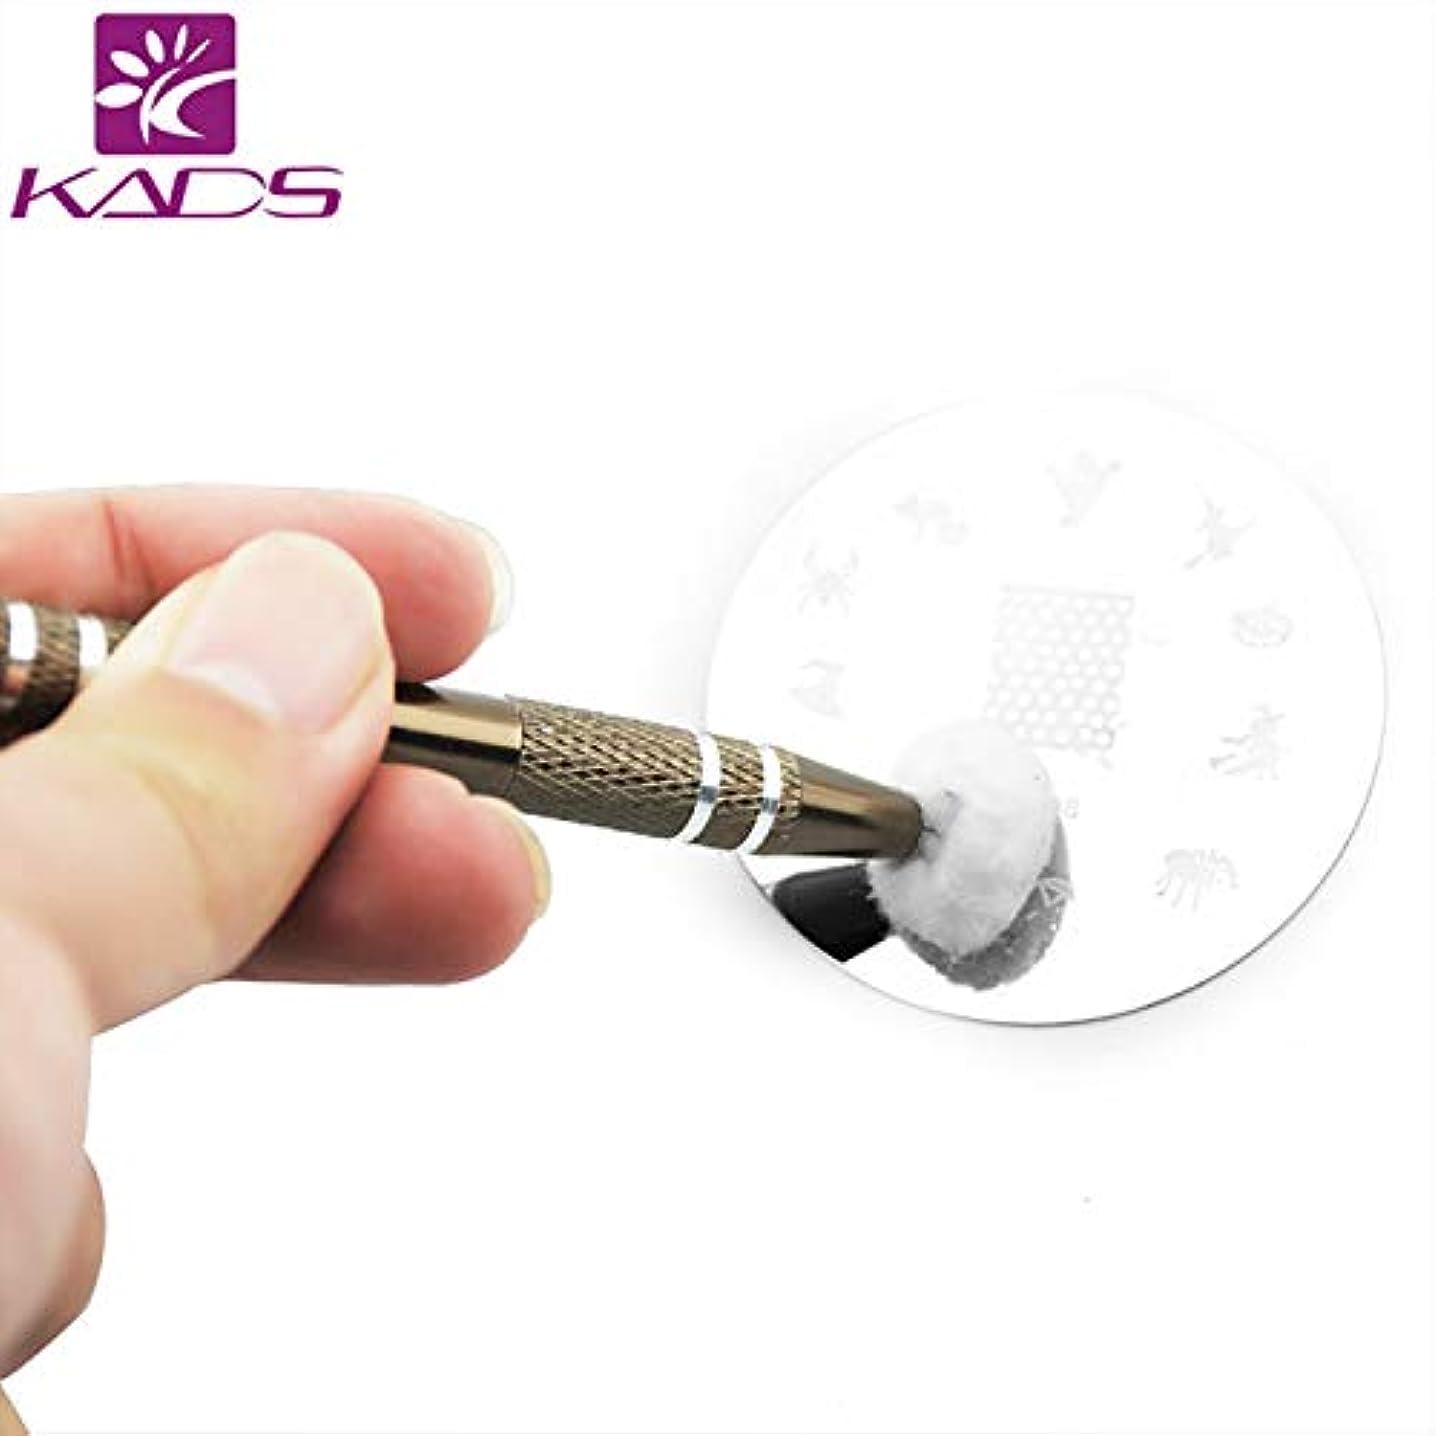 合理化マネージャー有名KADS イメージプレートクリーニングペン コットンキャッチペン スタンピングネイルツールネイルアートネイル用品